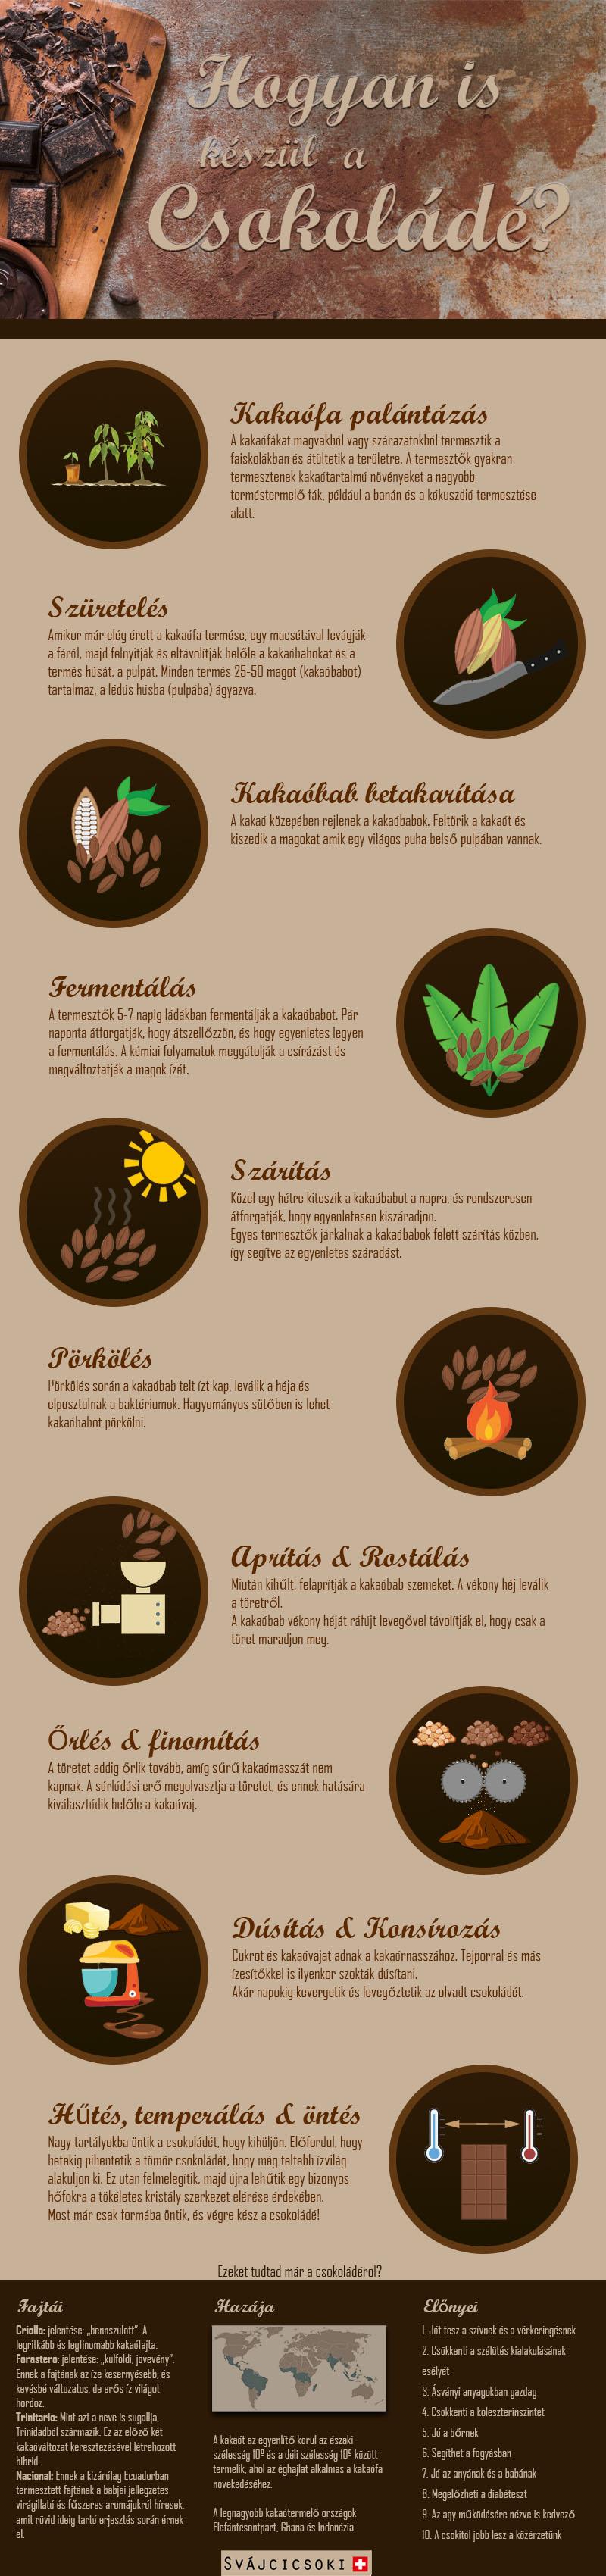 Hogyan is készül a csokoládé?